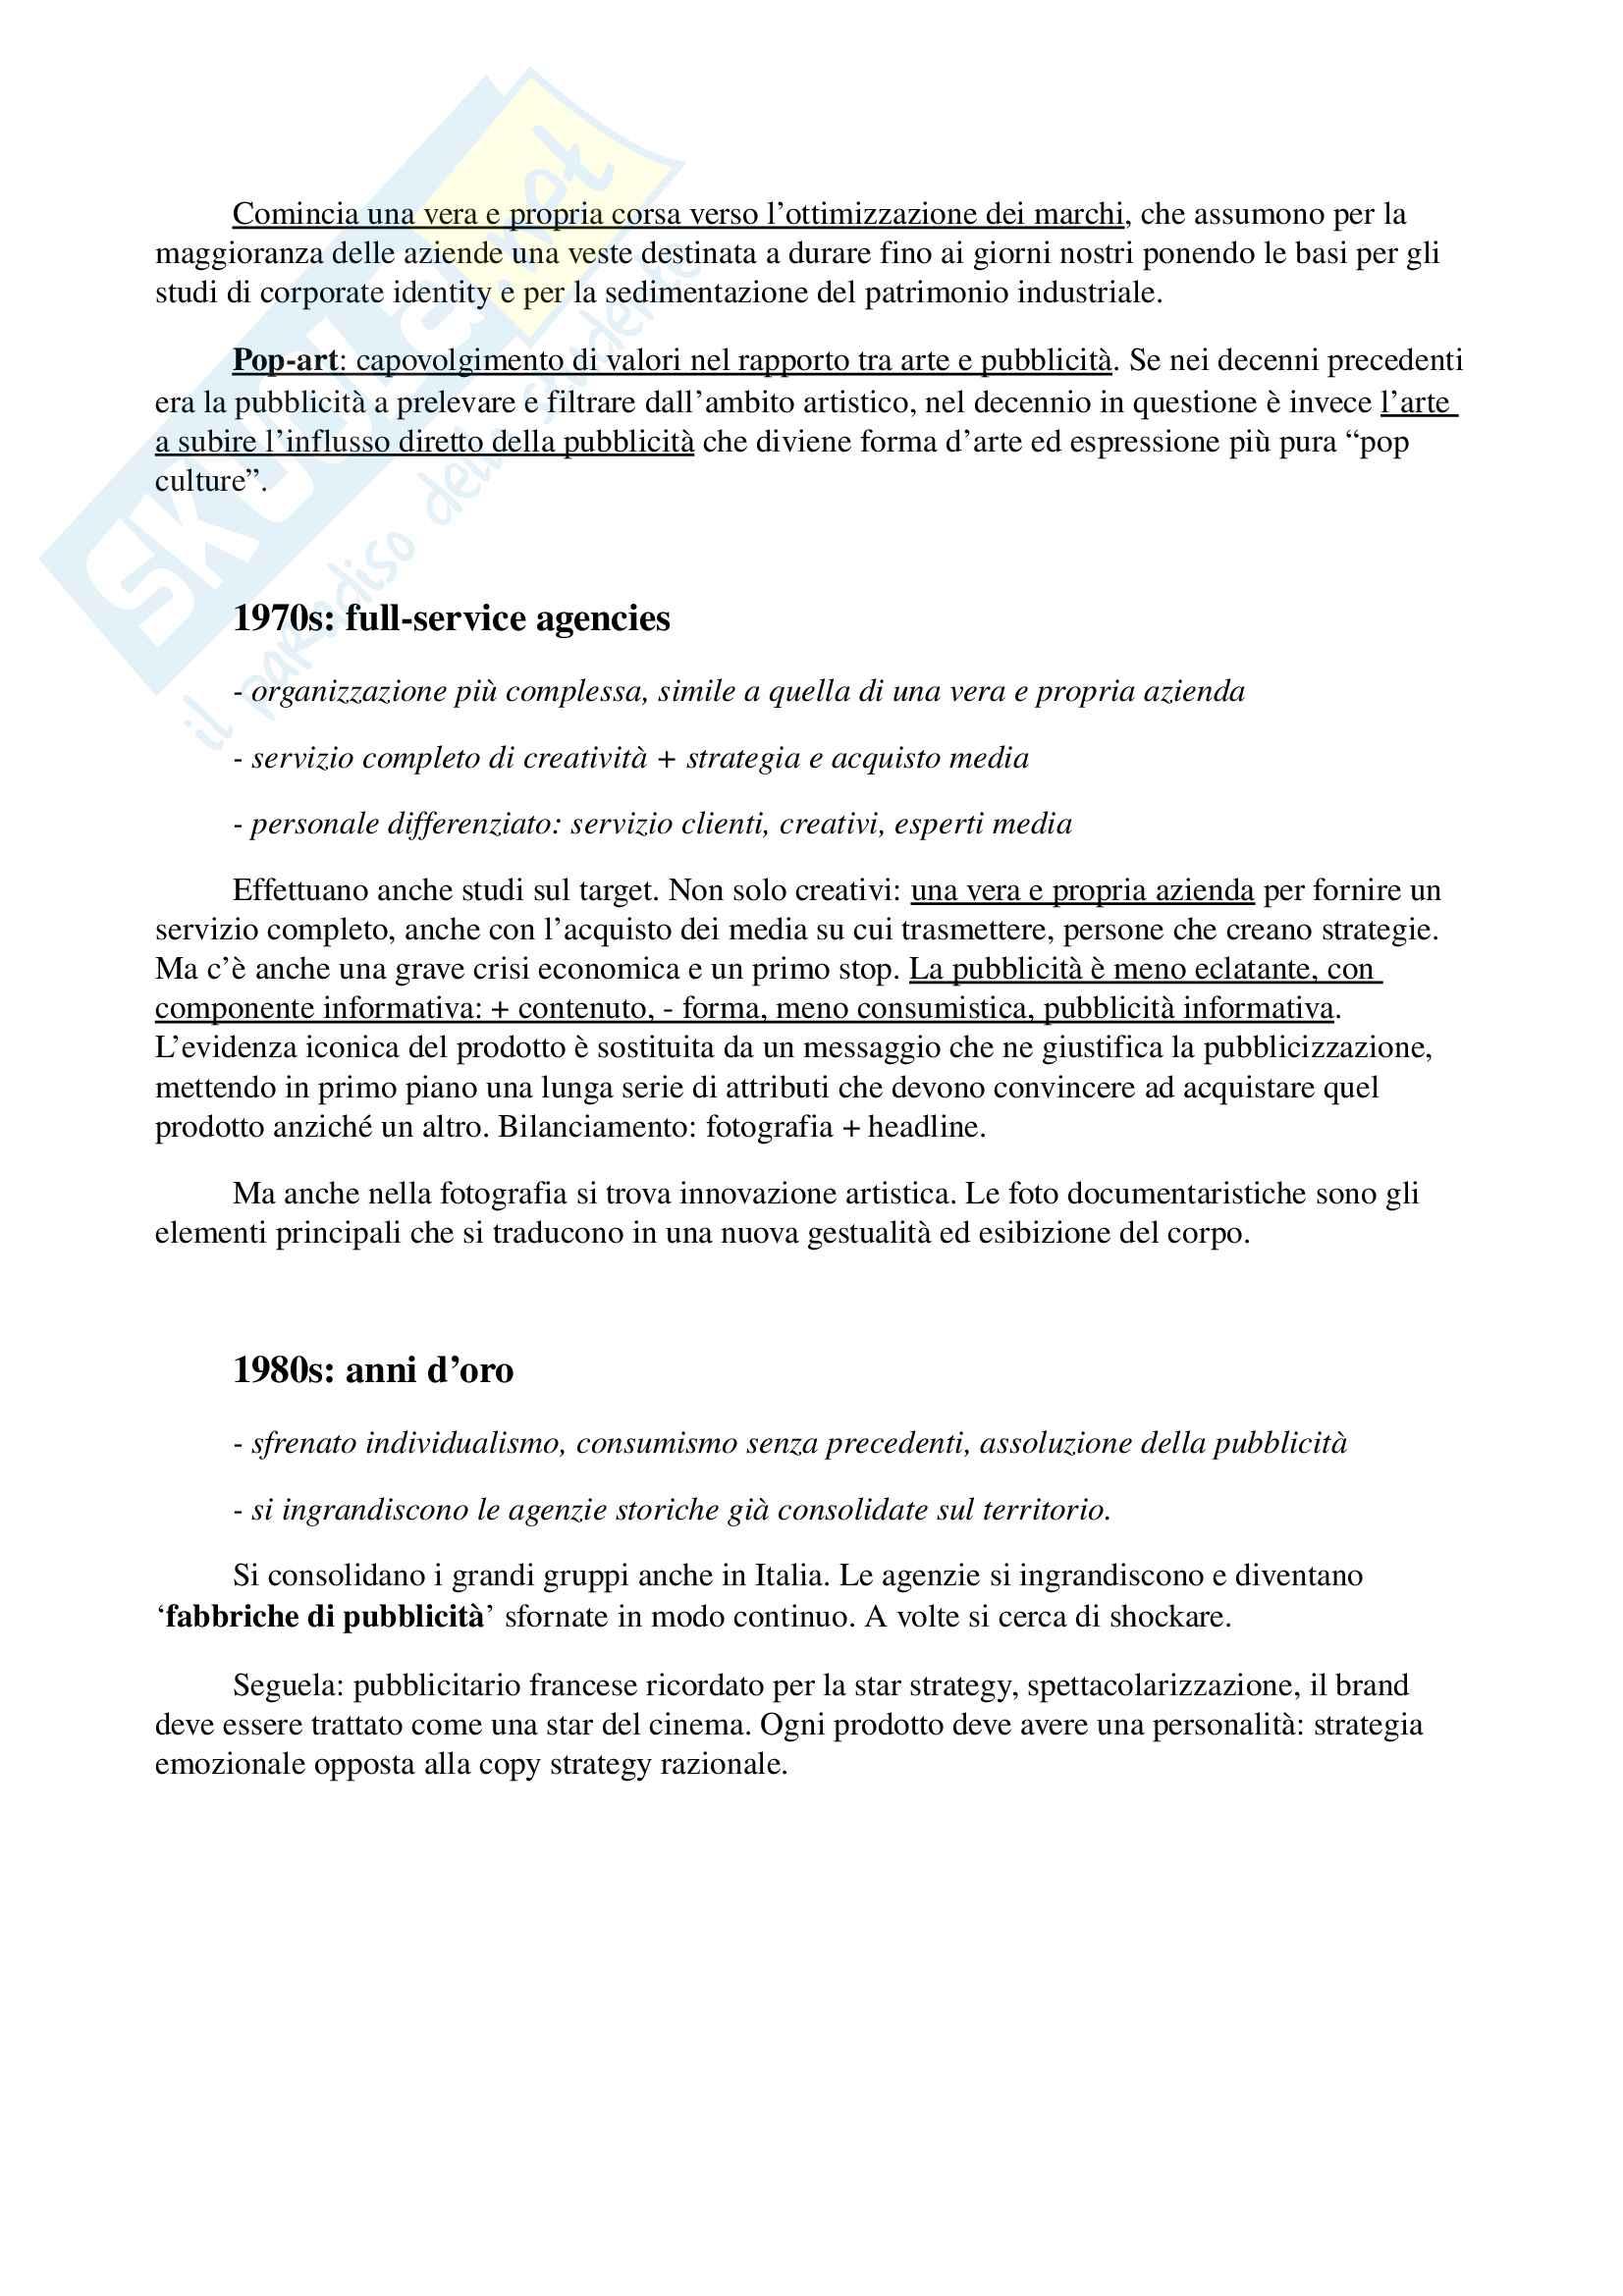 Appunti per esame di storia e linguaggi della pubblicità, prof. Musso, libro consigliato 'Brand Reloading - Patrizia Musso' Pag. 6